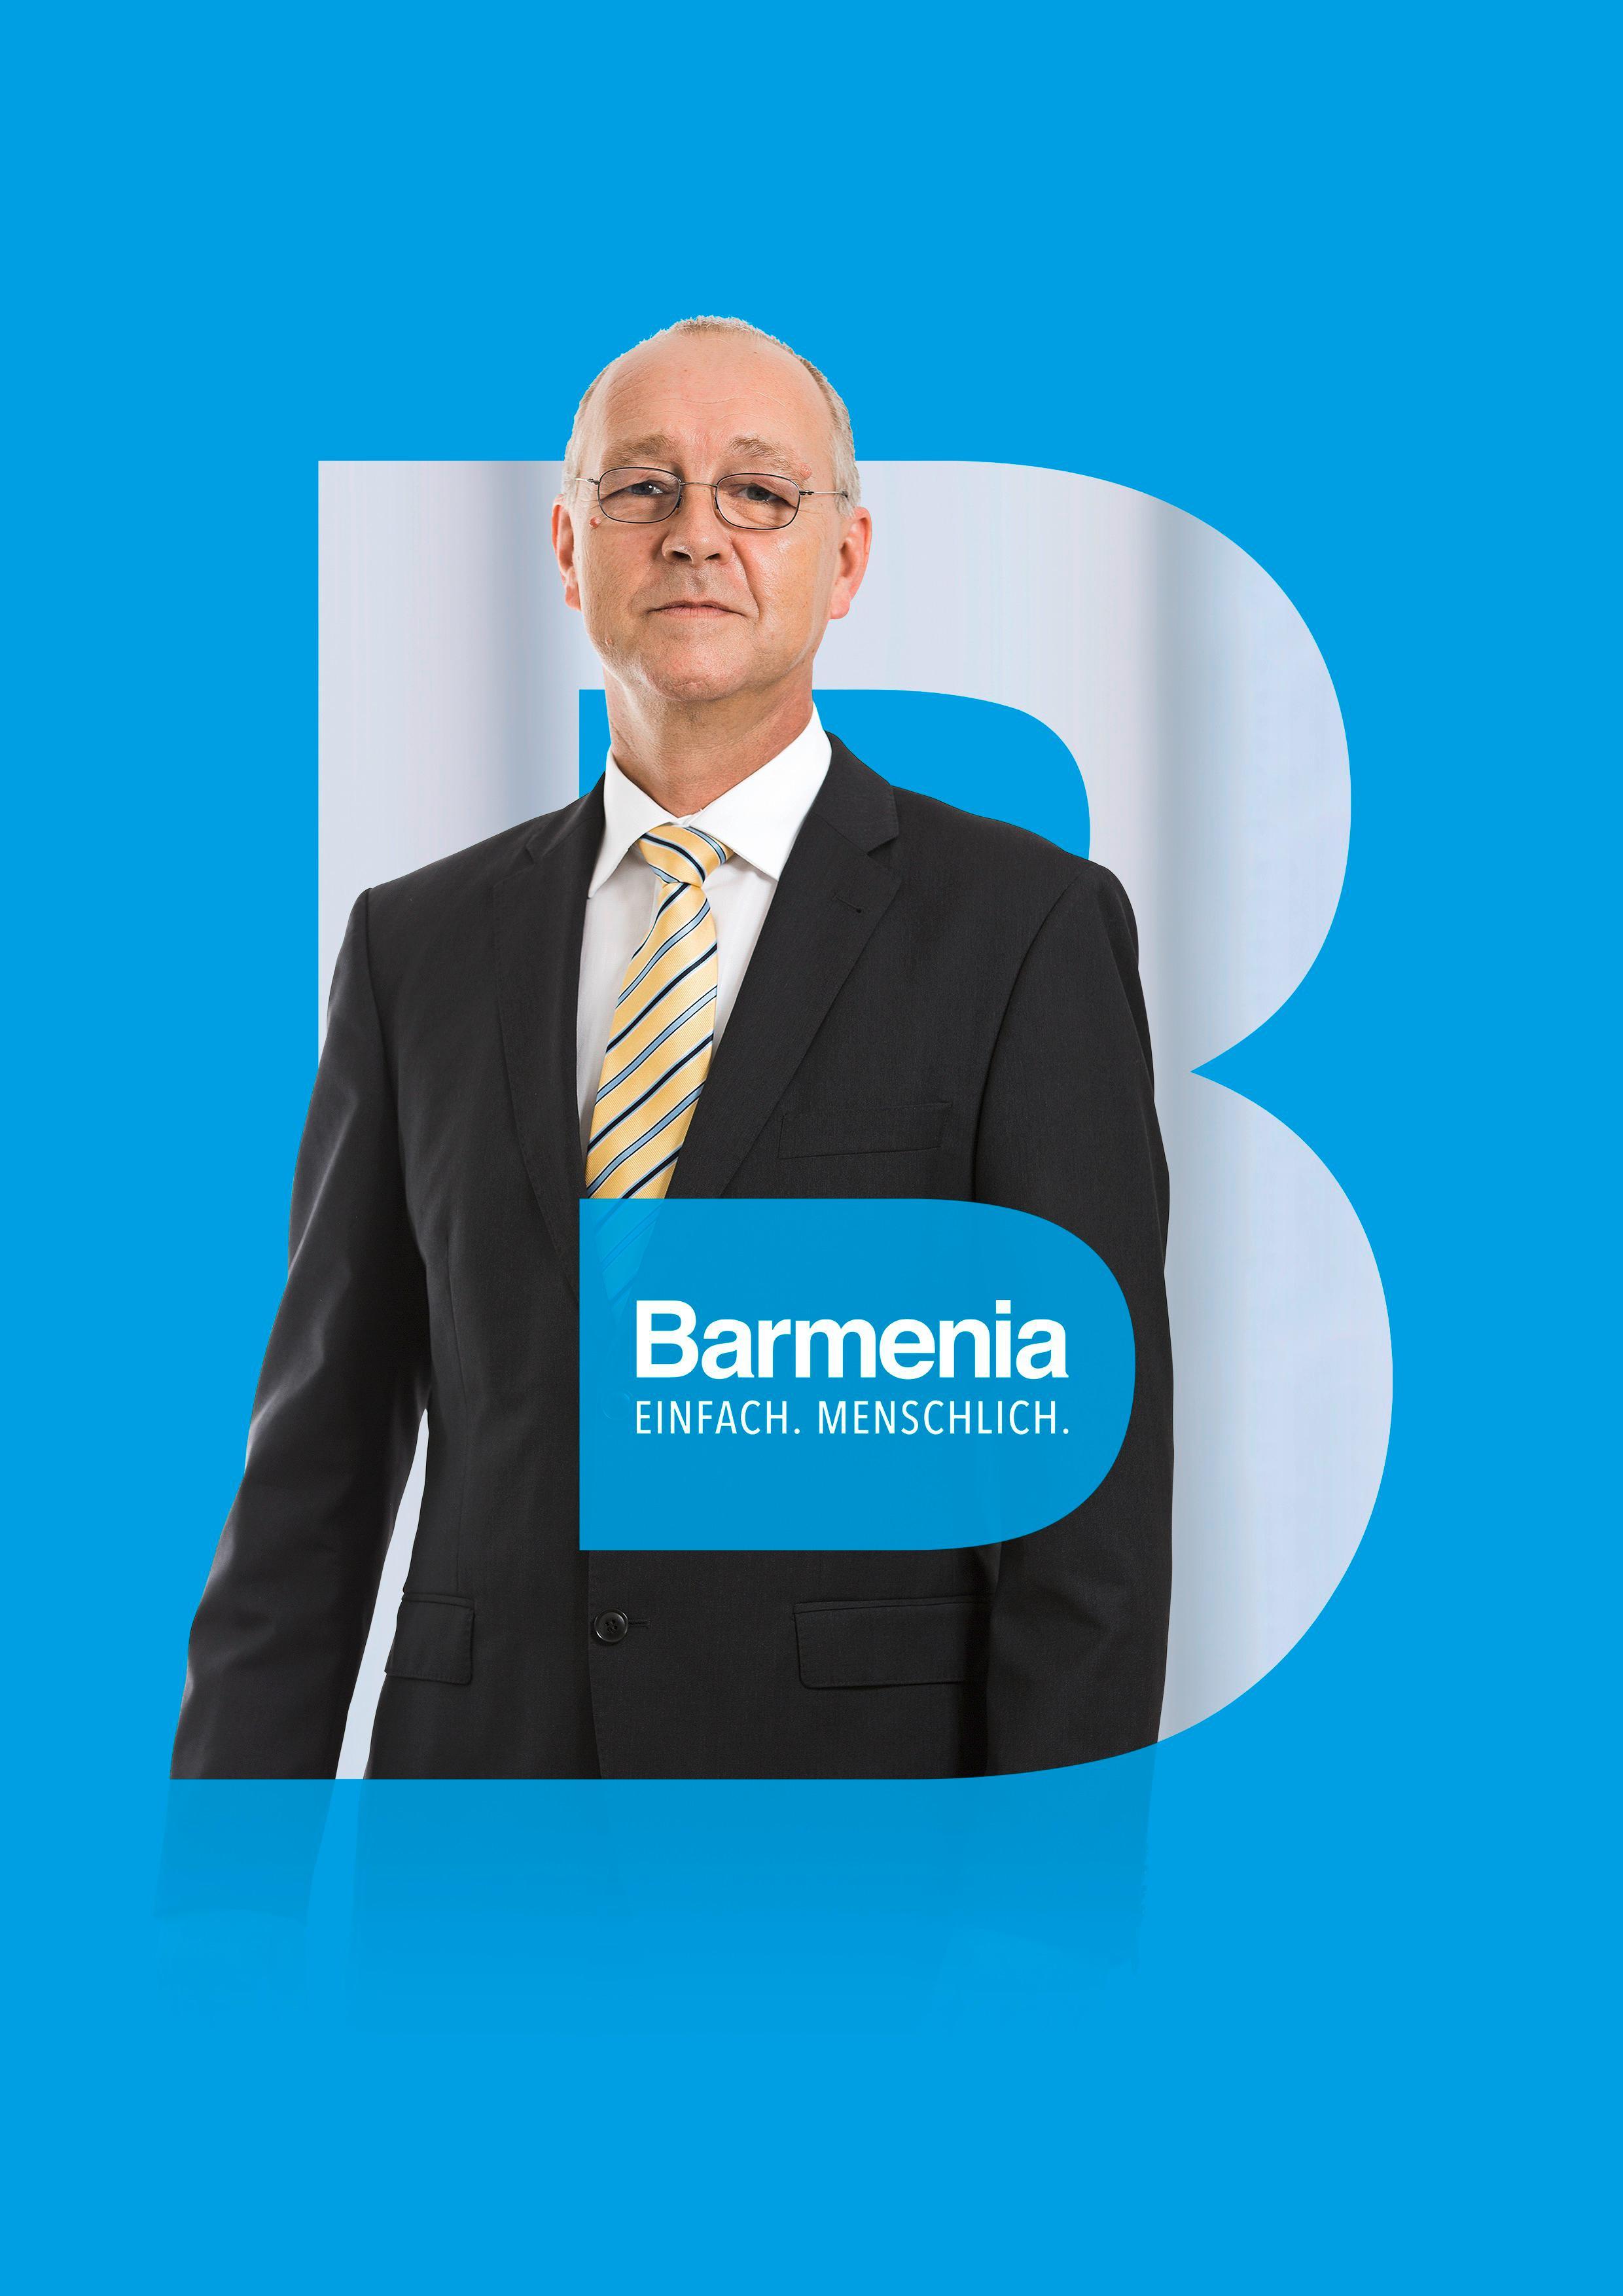 Barmenia Versicherung - Oliver Schmidt, Breisacher Str. 145b in Freiburg im Breisgau